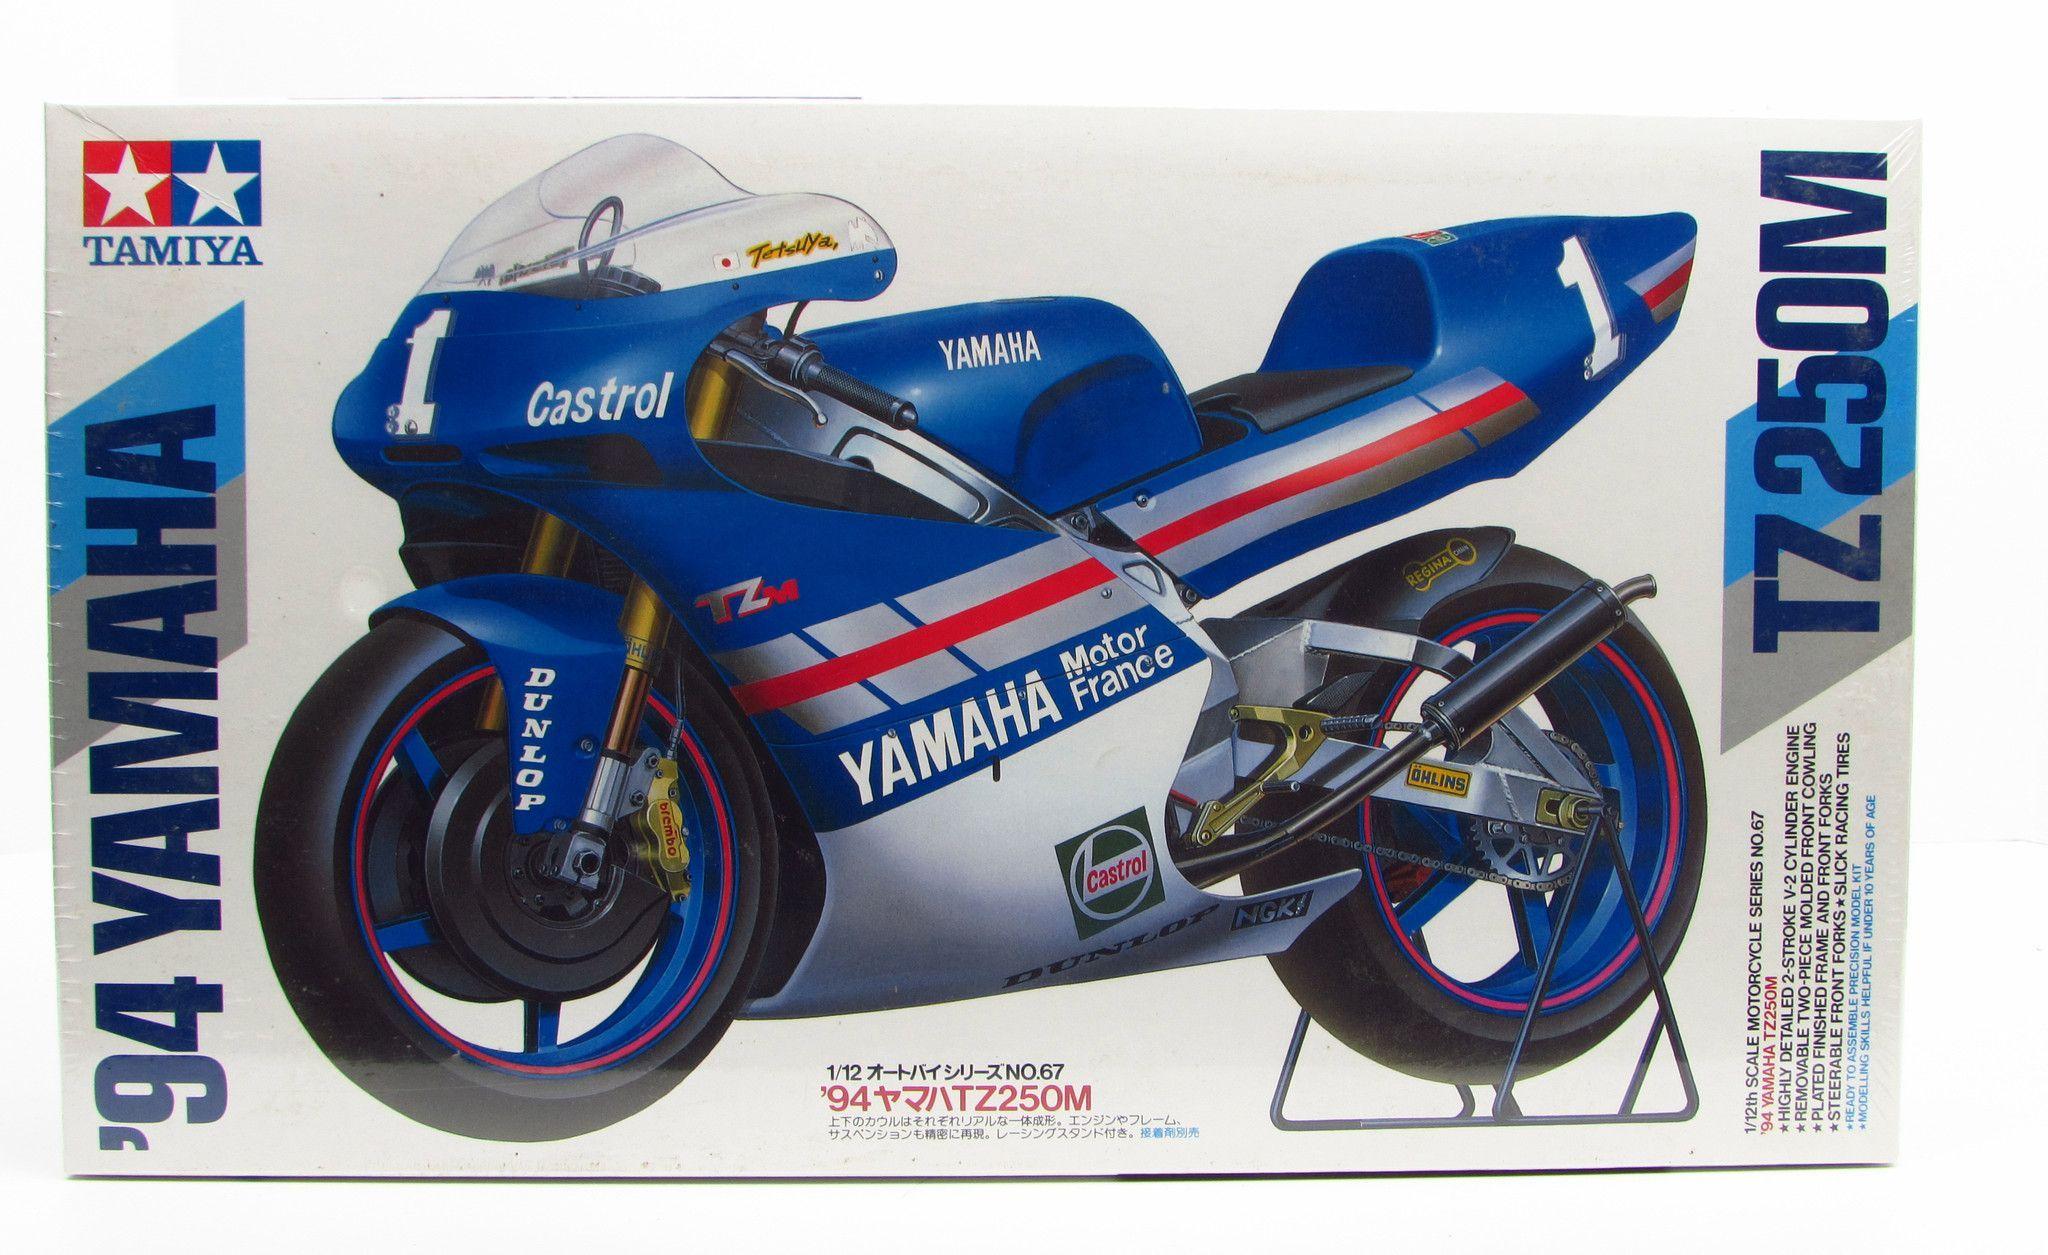 Yamaha Motorcycle Factory Japan Tours